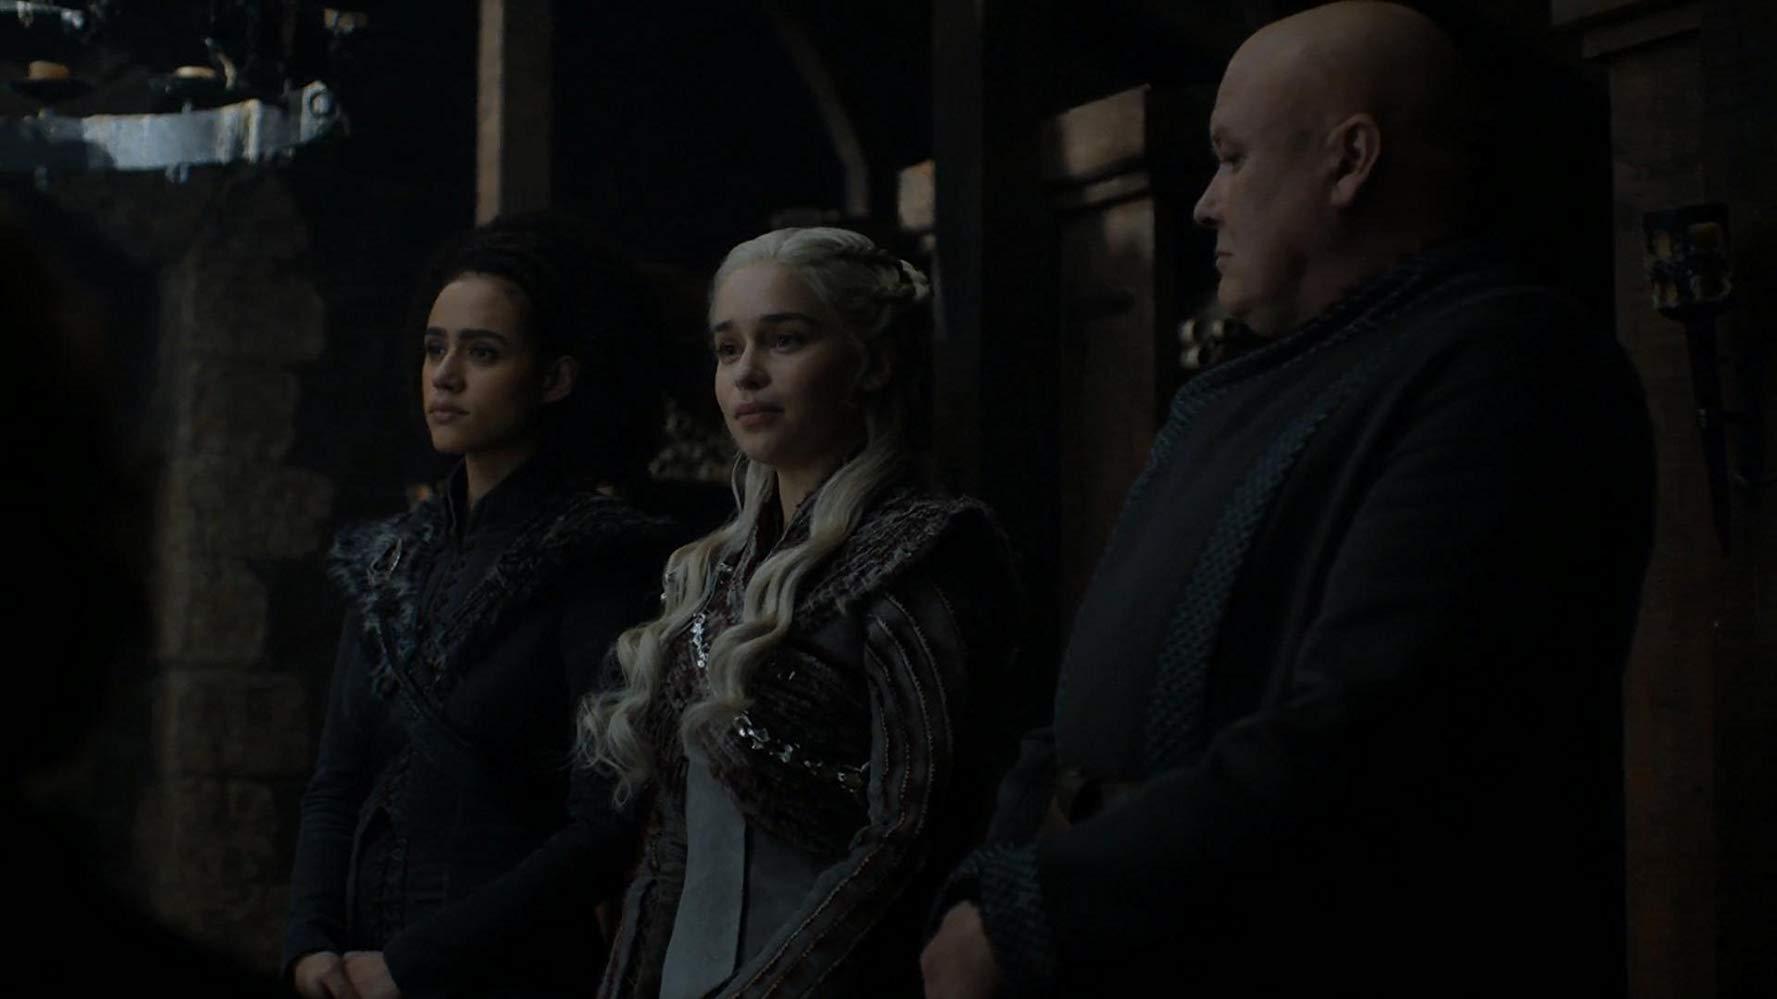 Il trono di spade: Emilia Clarke, Conleth Hill e Nathalie Emmnuel nel quarto episodio, stagione 8